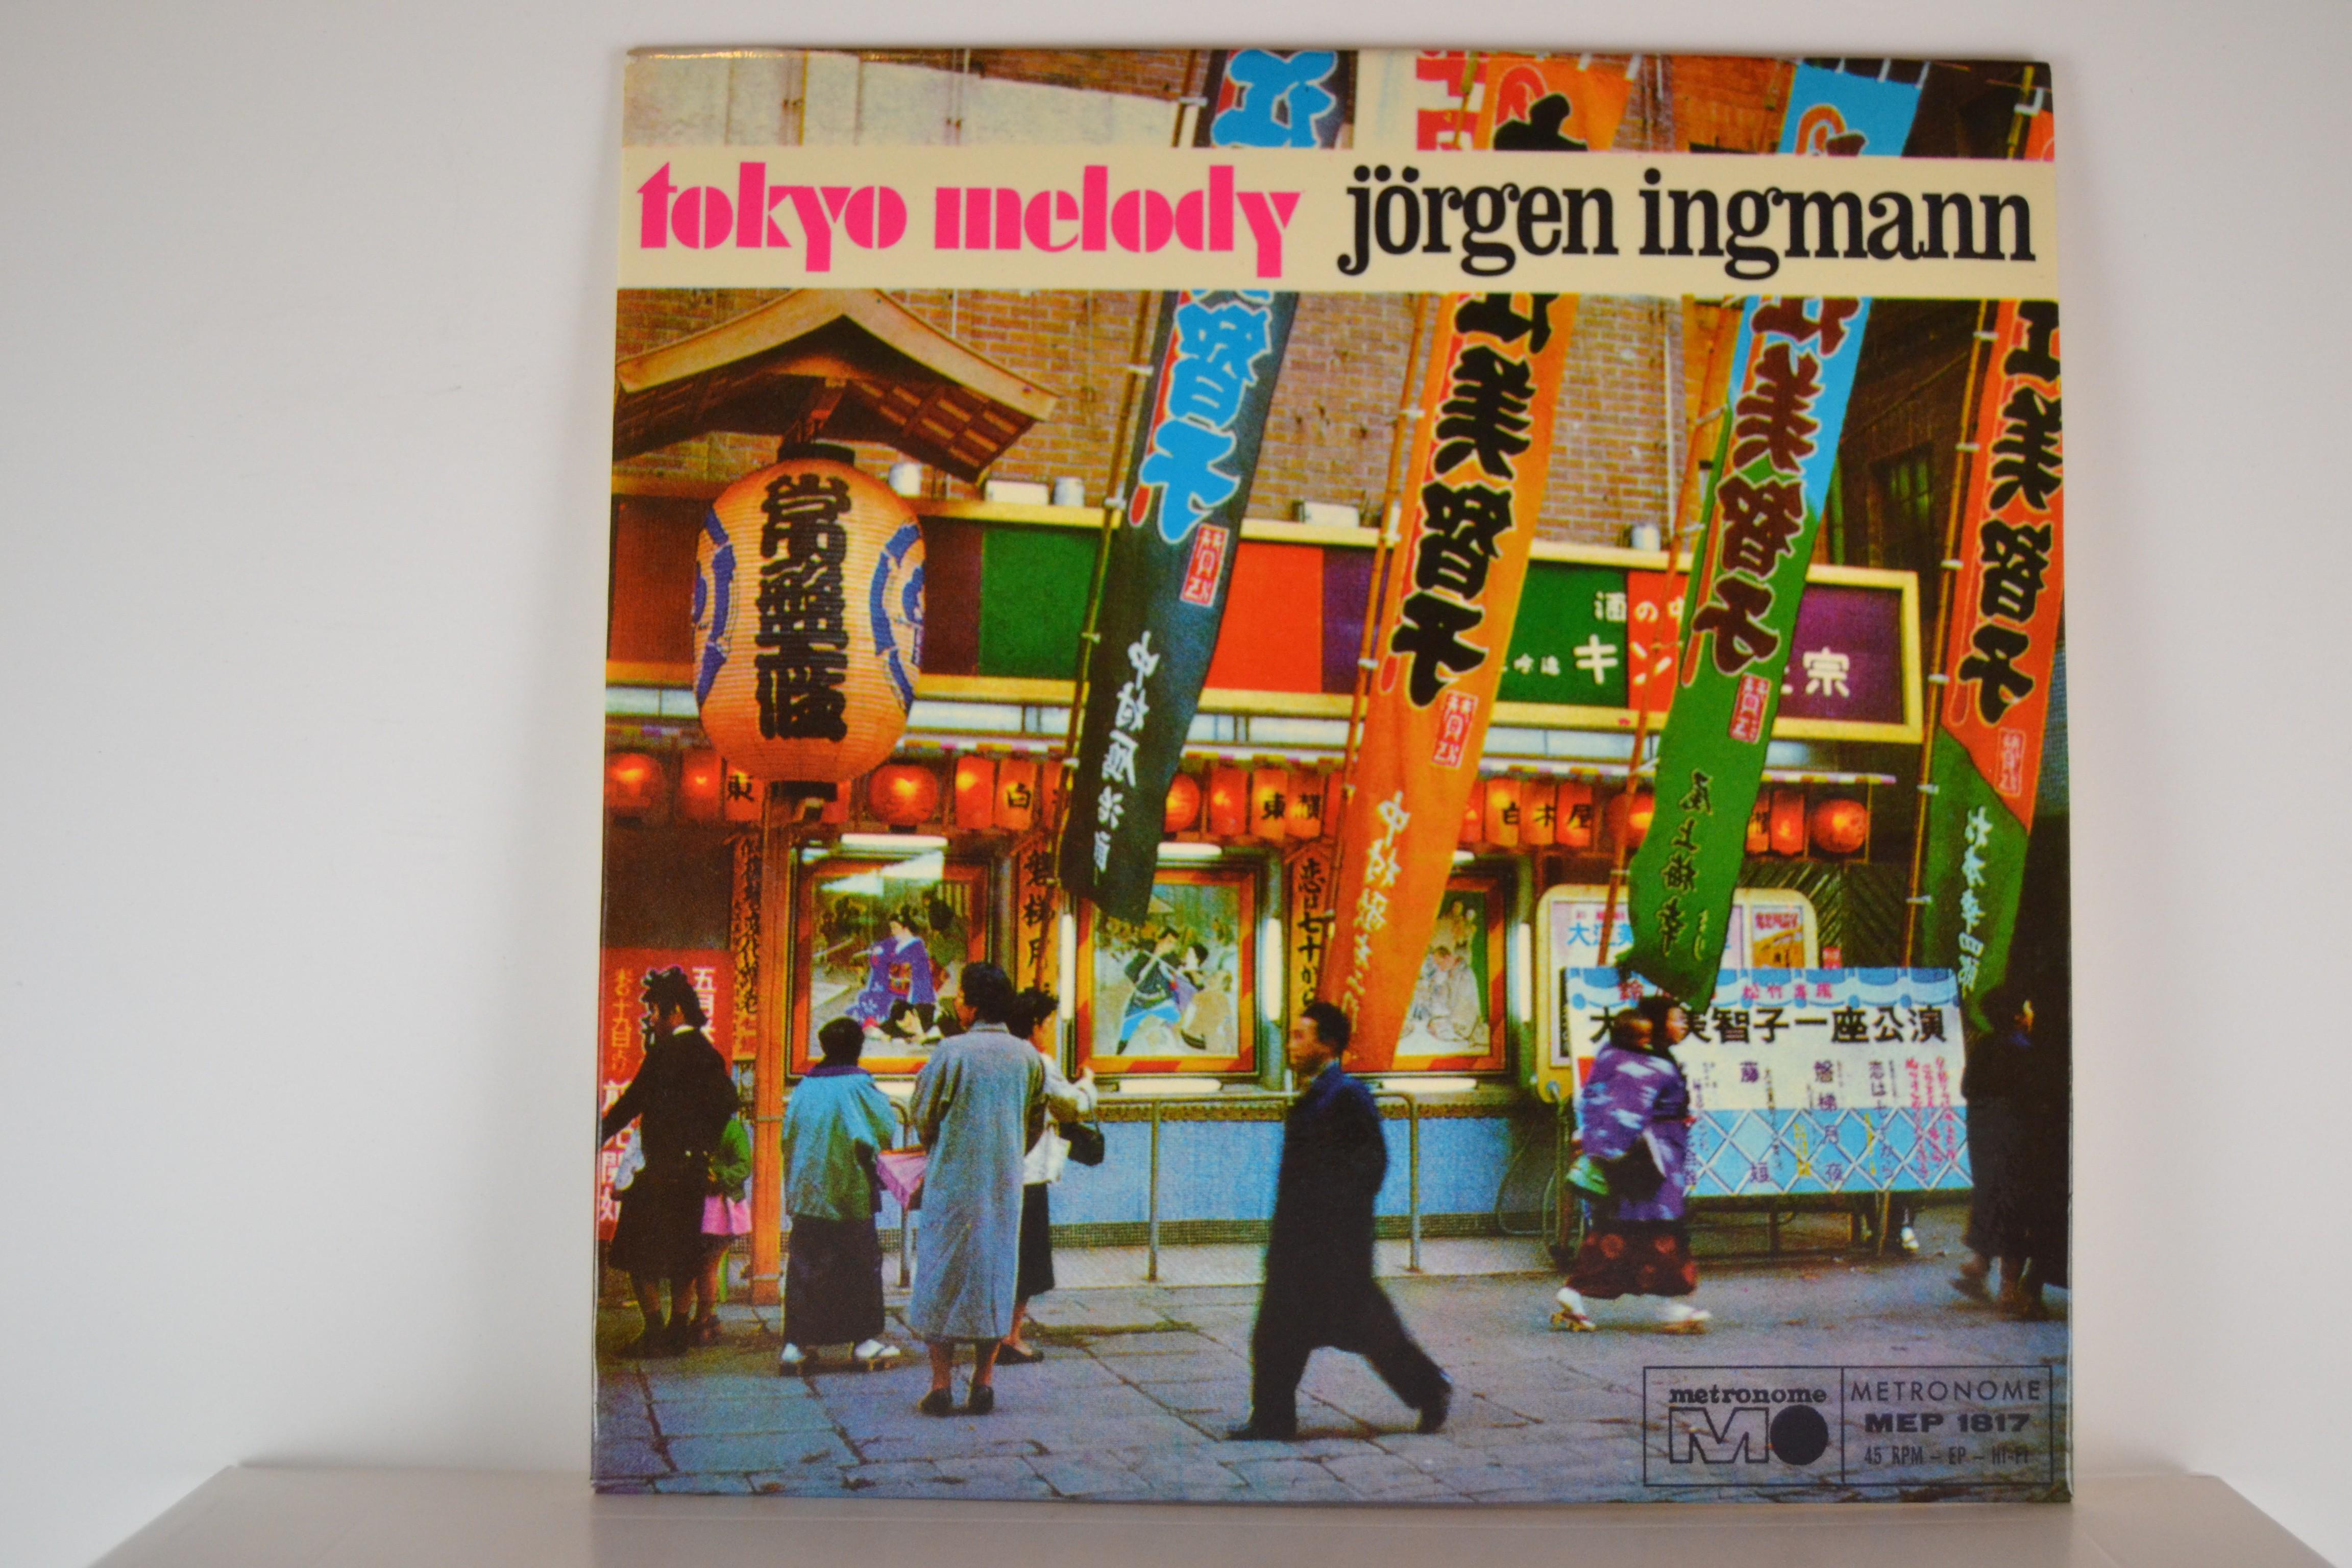 JÖRGEN INGMAN : (EP) Tokyo melody / La mer / Var barmhärtig / Misty